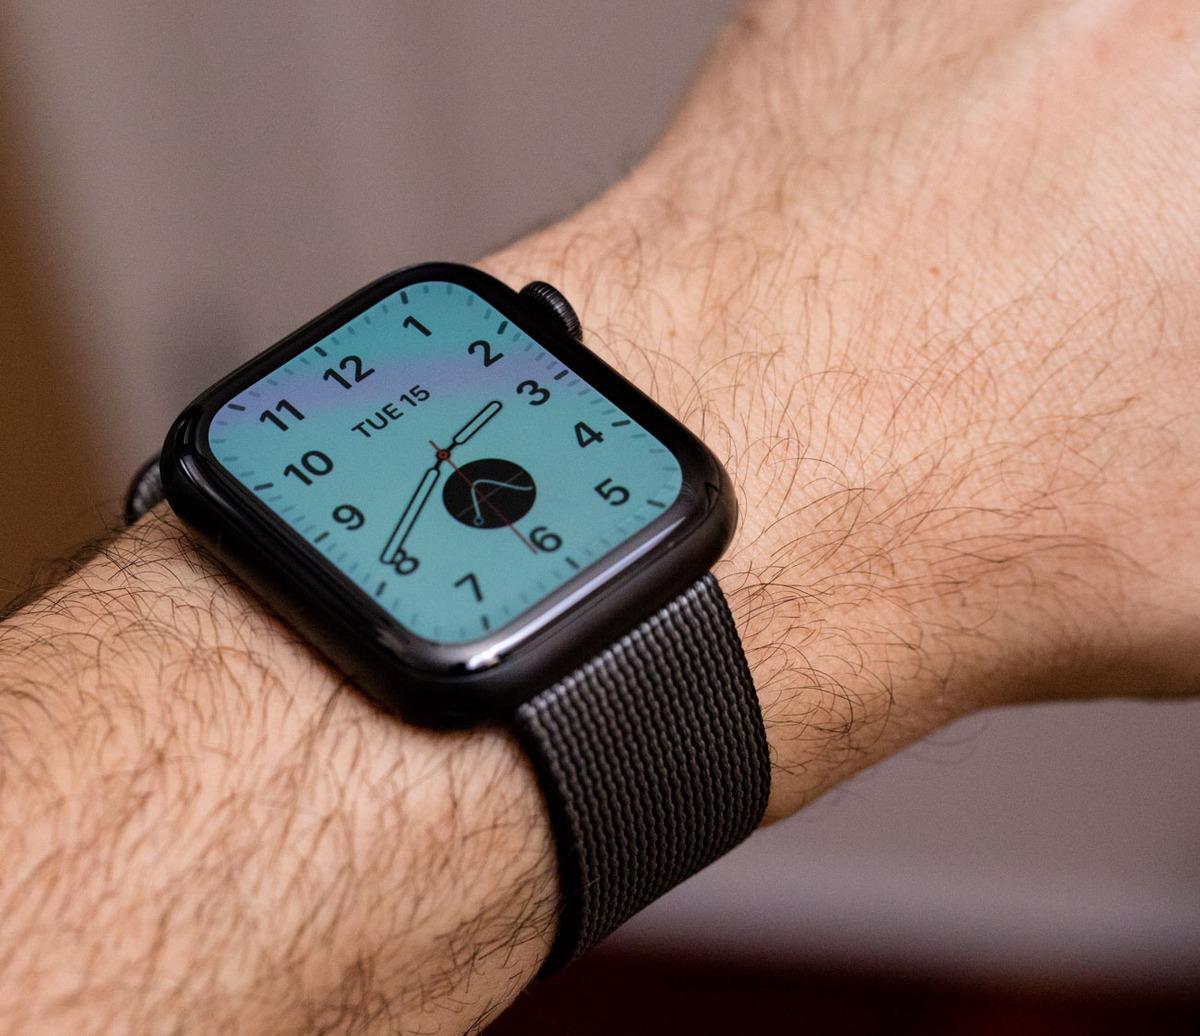 Apple pametni sat generacija 5 s upaljenim ekranom na ruci